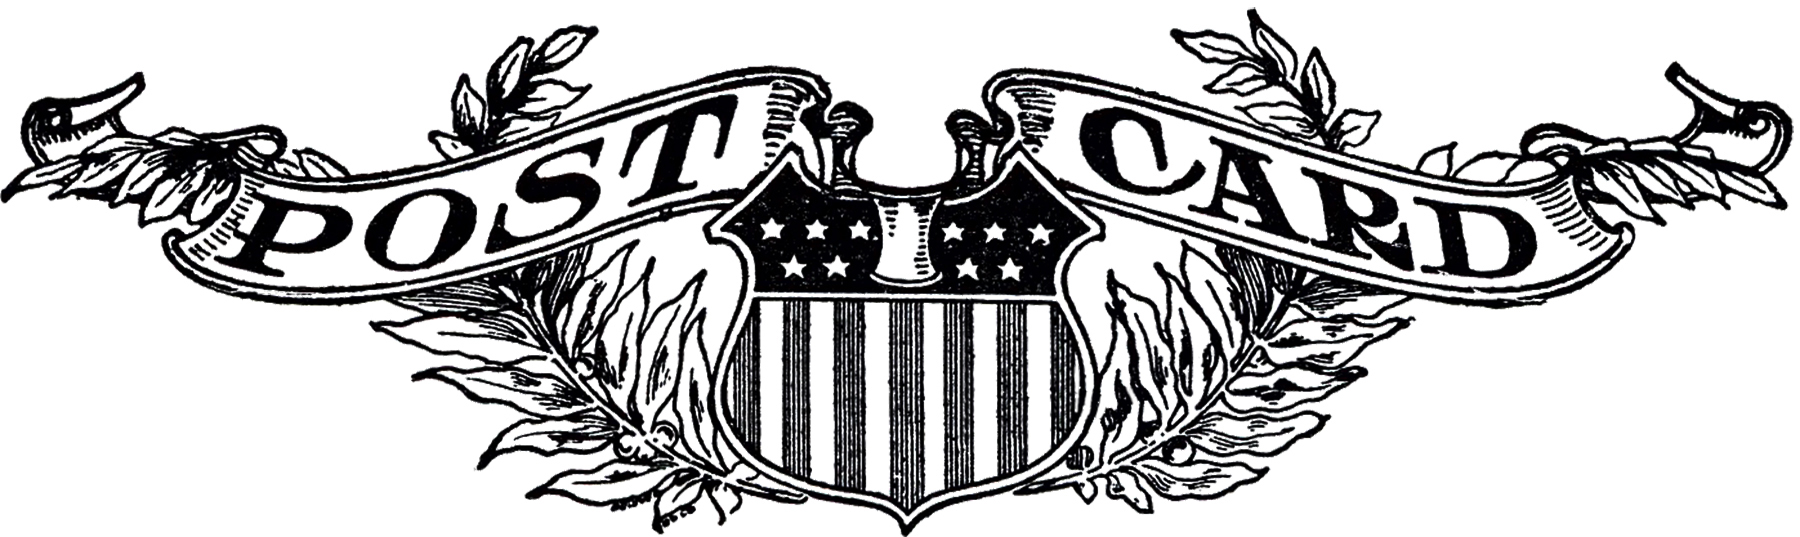 Vintage Postcard Logo Image